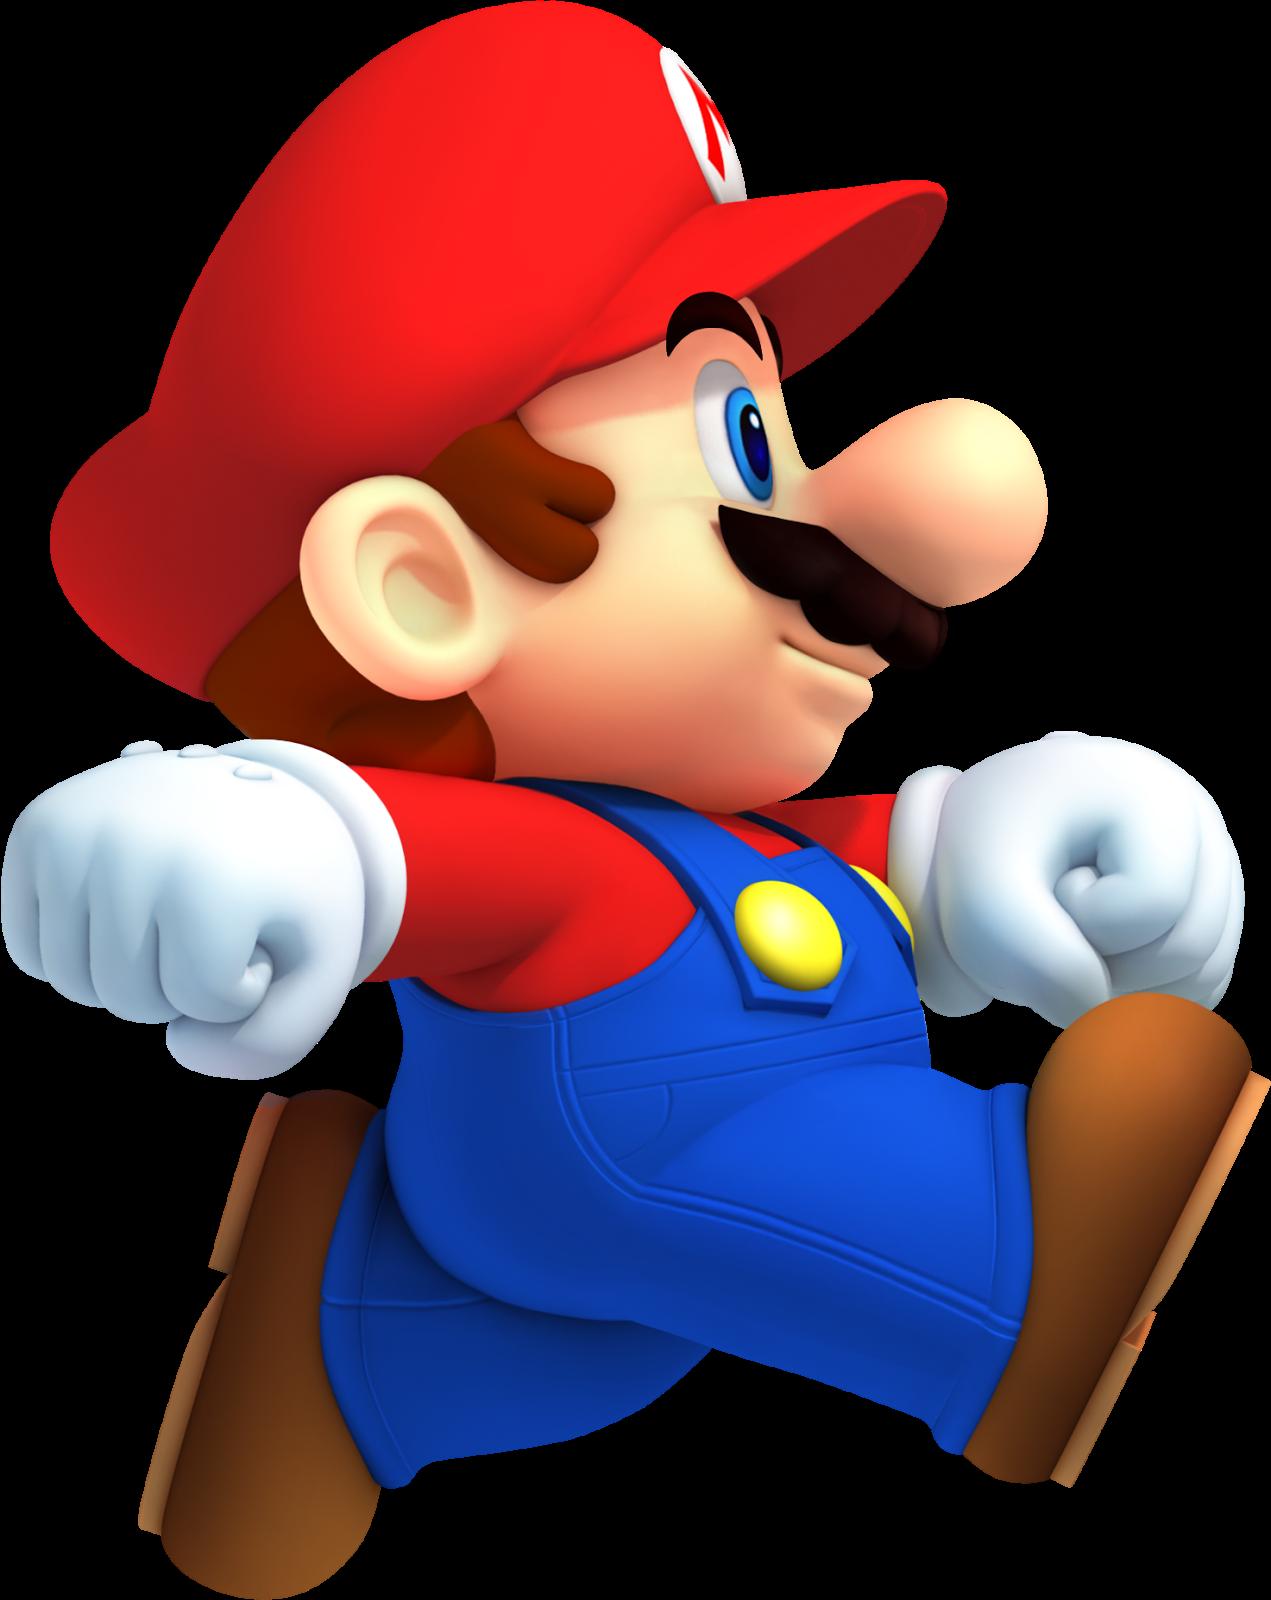 Super Mario Bros Clip Art.-Super Mario Bros Clip Art.-10